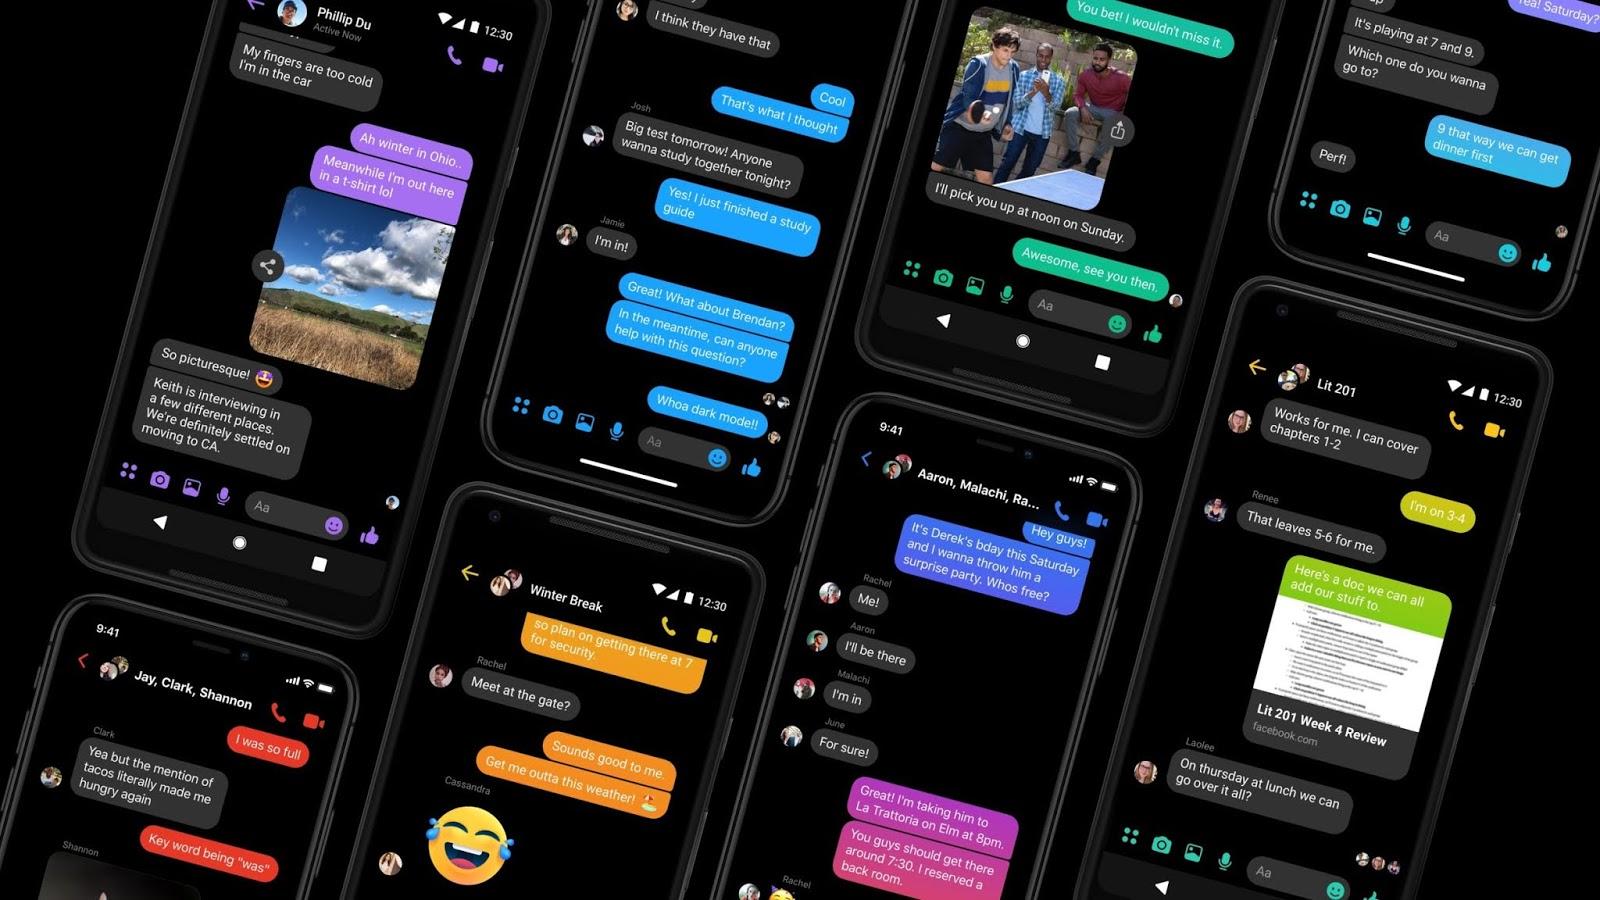 كيفية تمكين الوضع المظلم لـ Facebook Messenge (و iOSو android)